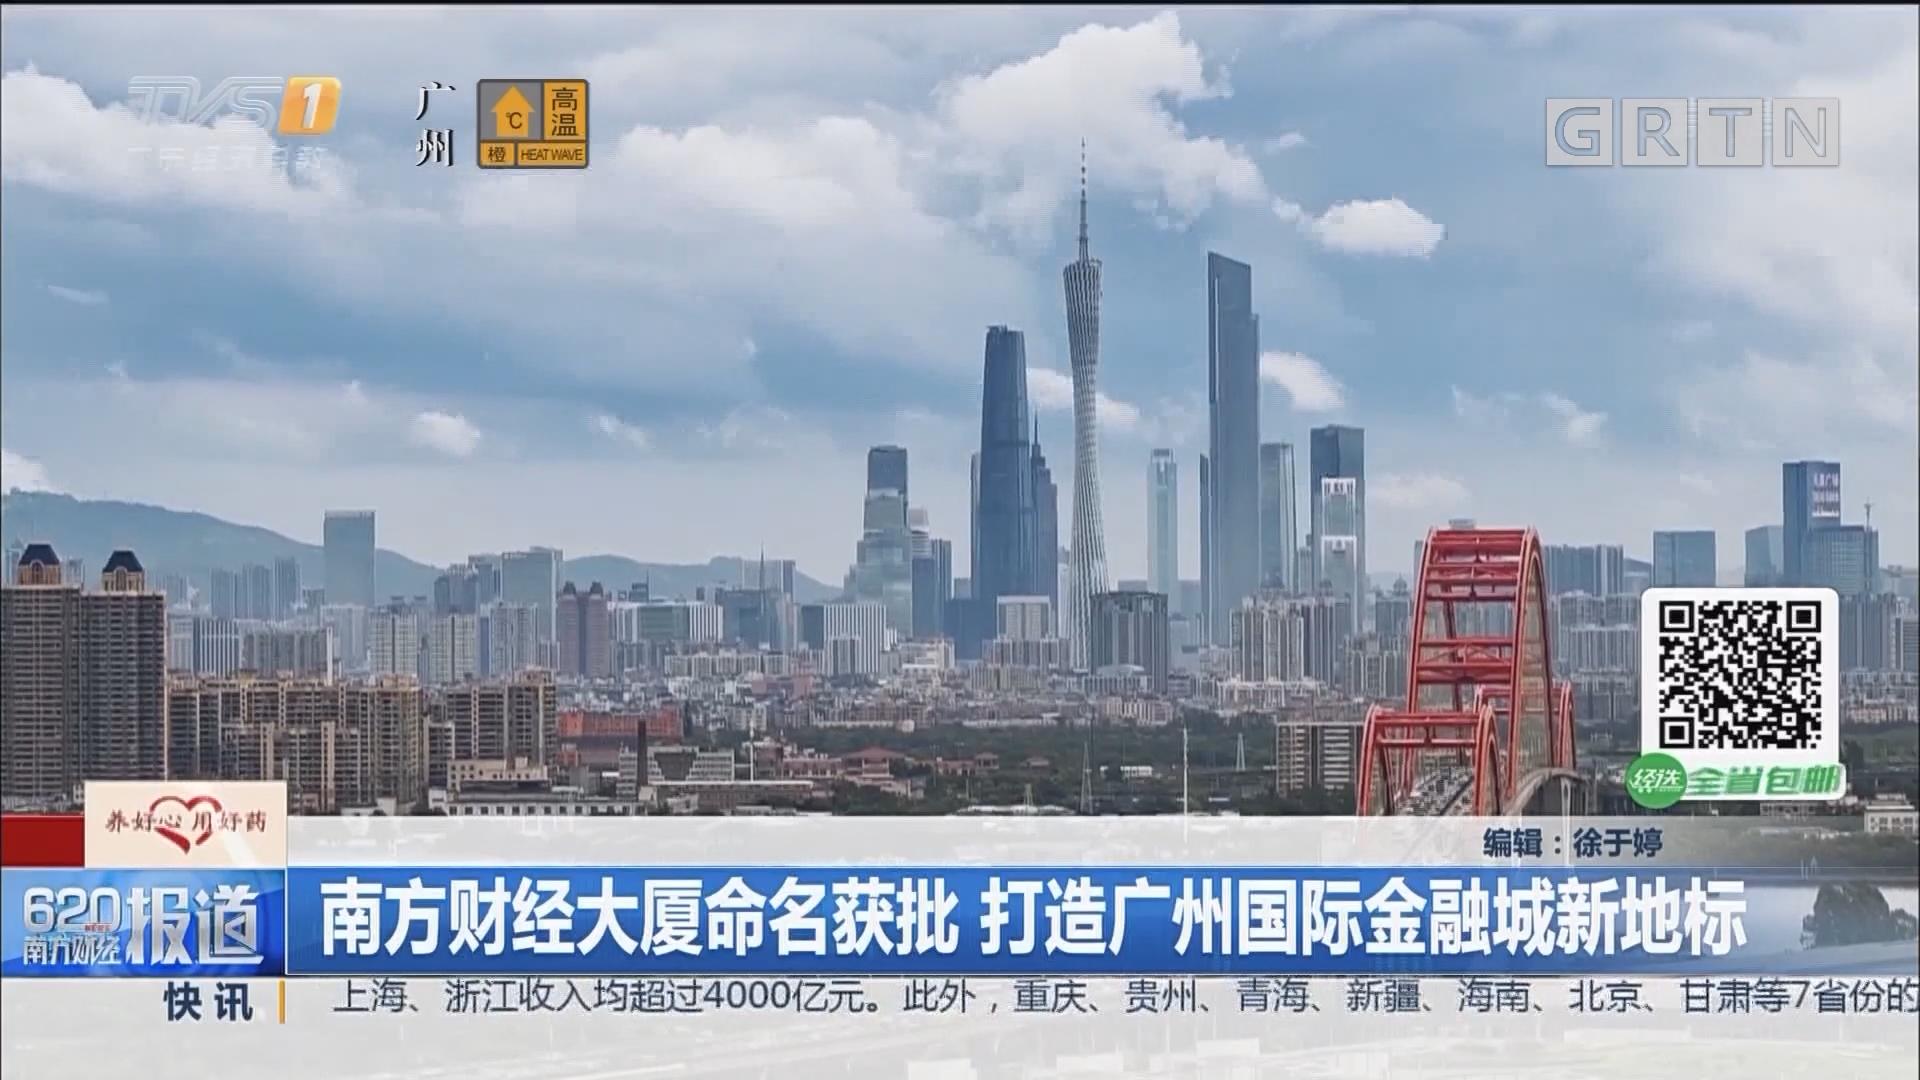 南方财经大厦命名获批 打造广州国际金融城新地标